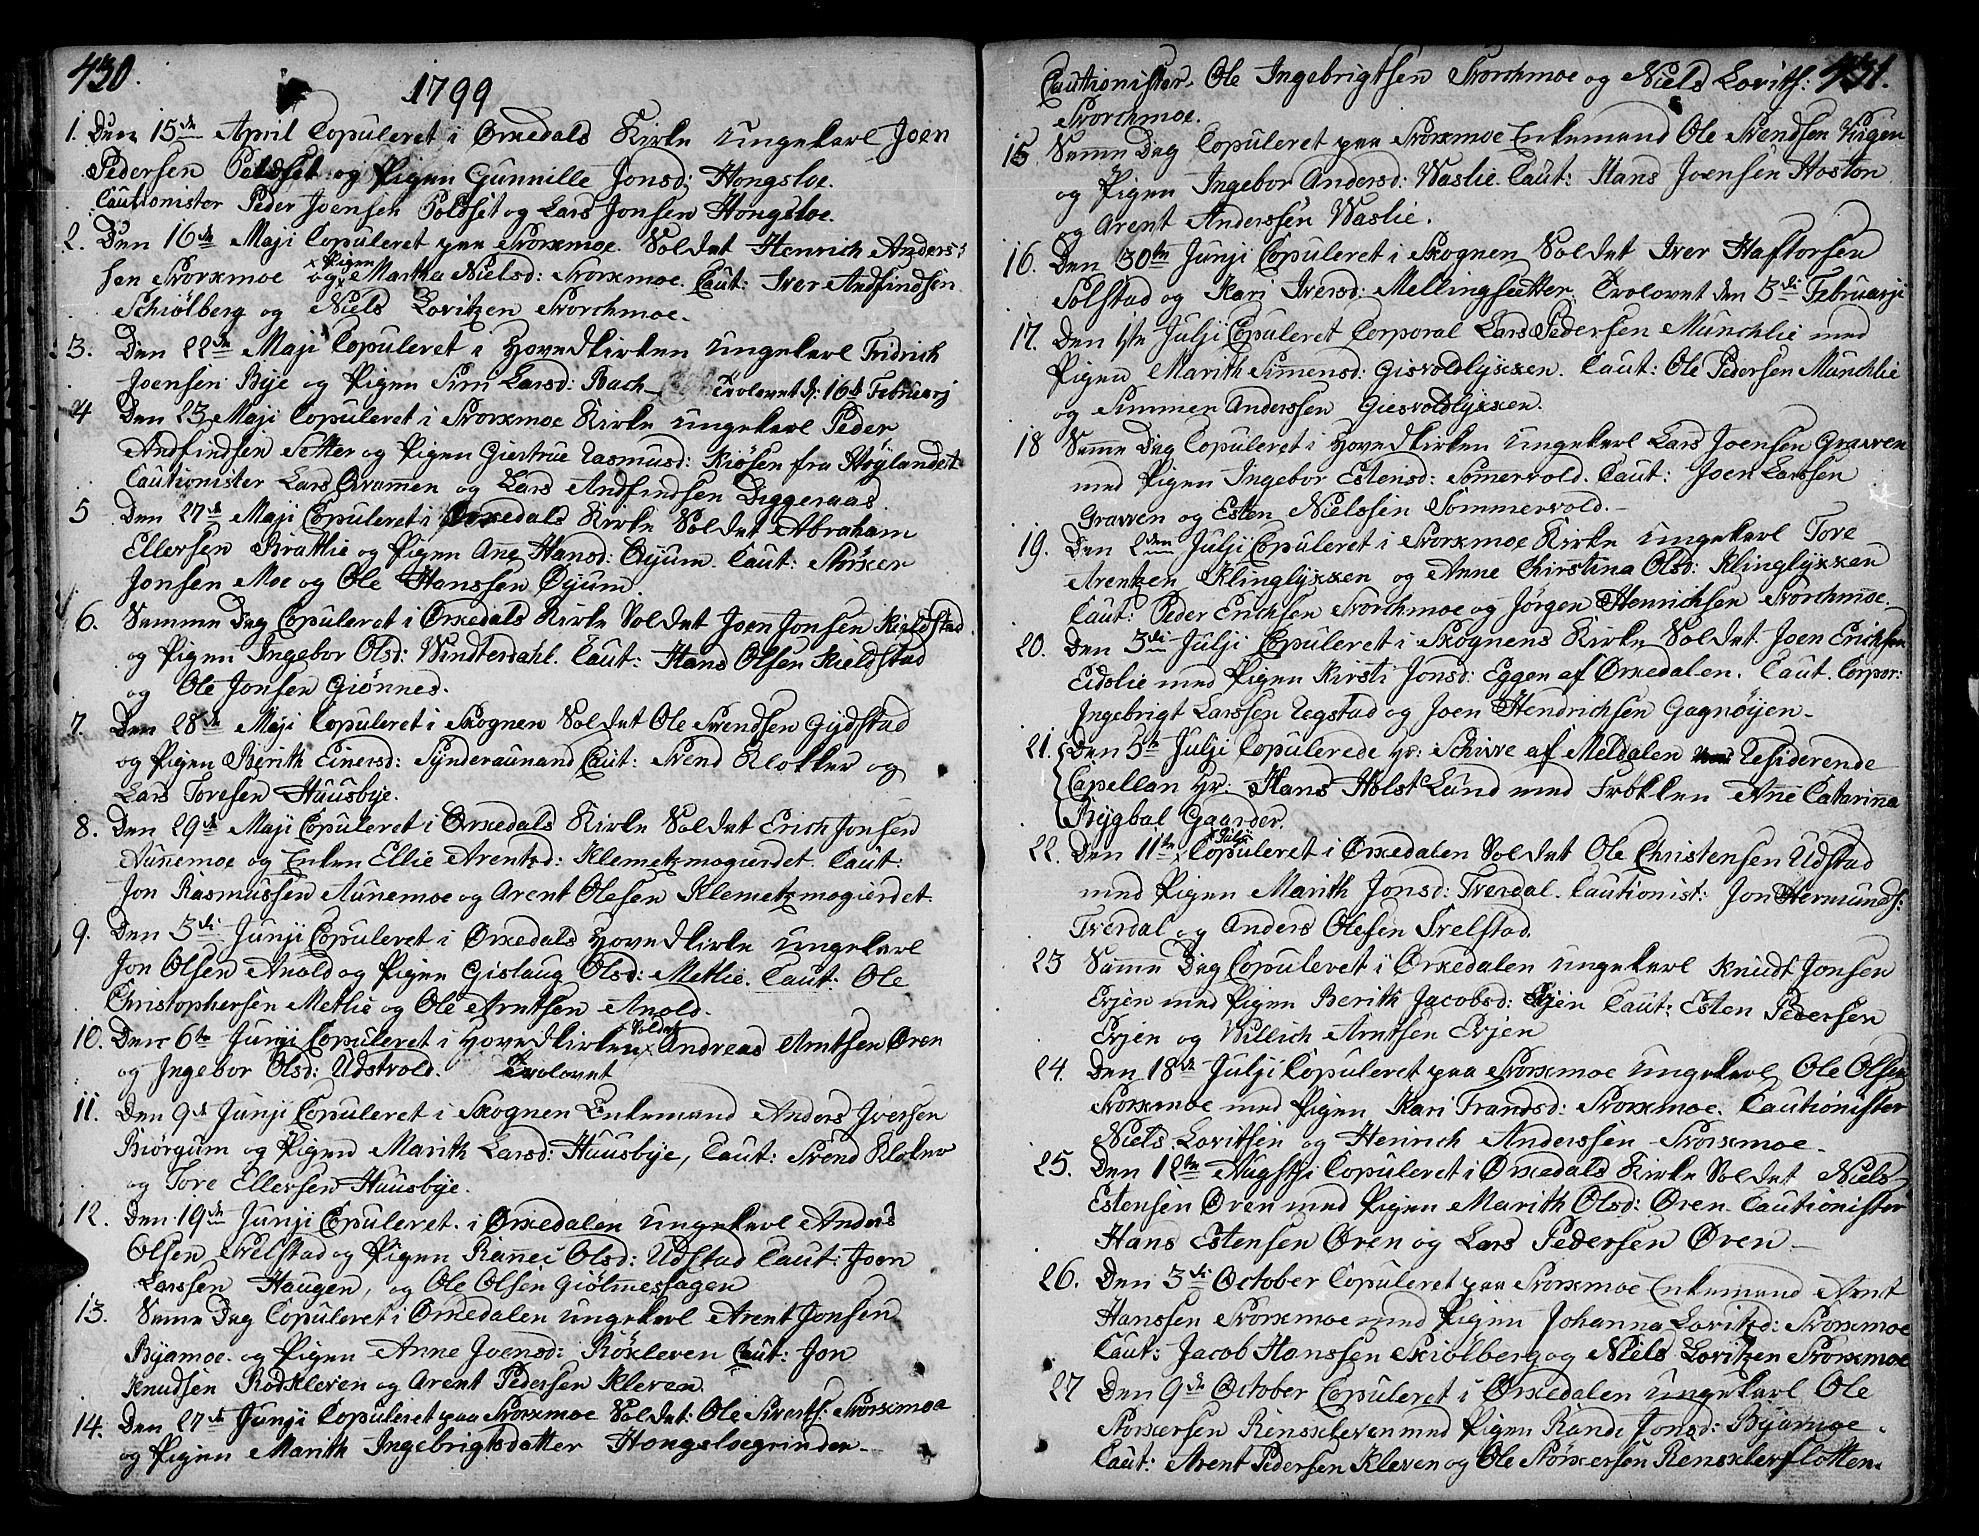 SAT, Ministerialprotokoller, klokkerbøker og fødselsregistre - Sør-Trøndelag, 668/L0802: Ministerialbok nr. 668A02, 1776-1799, s. 430-431